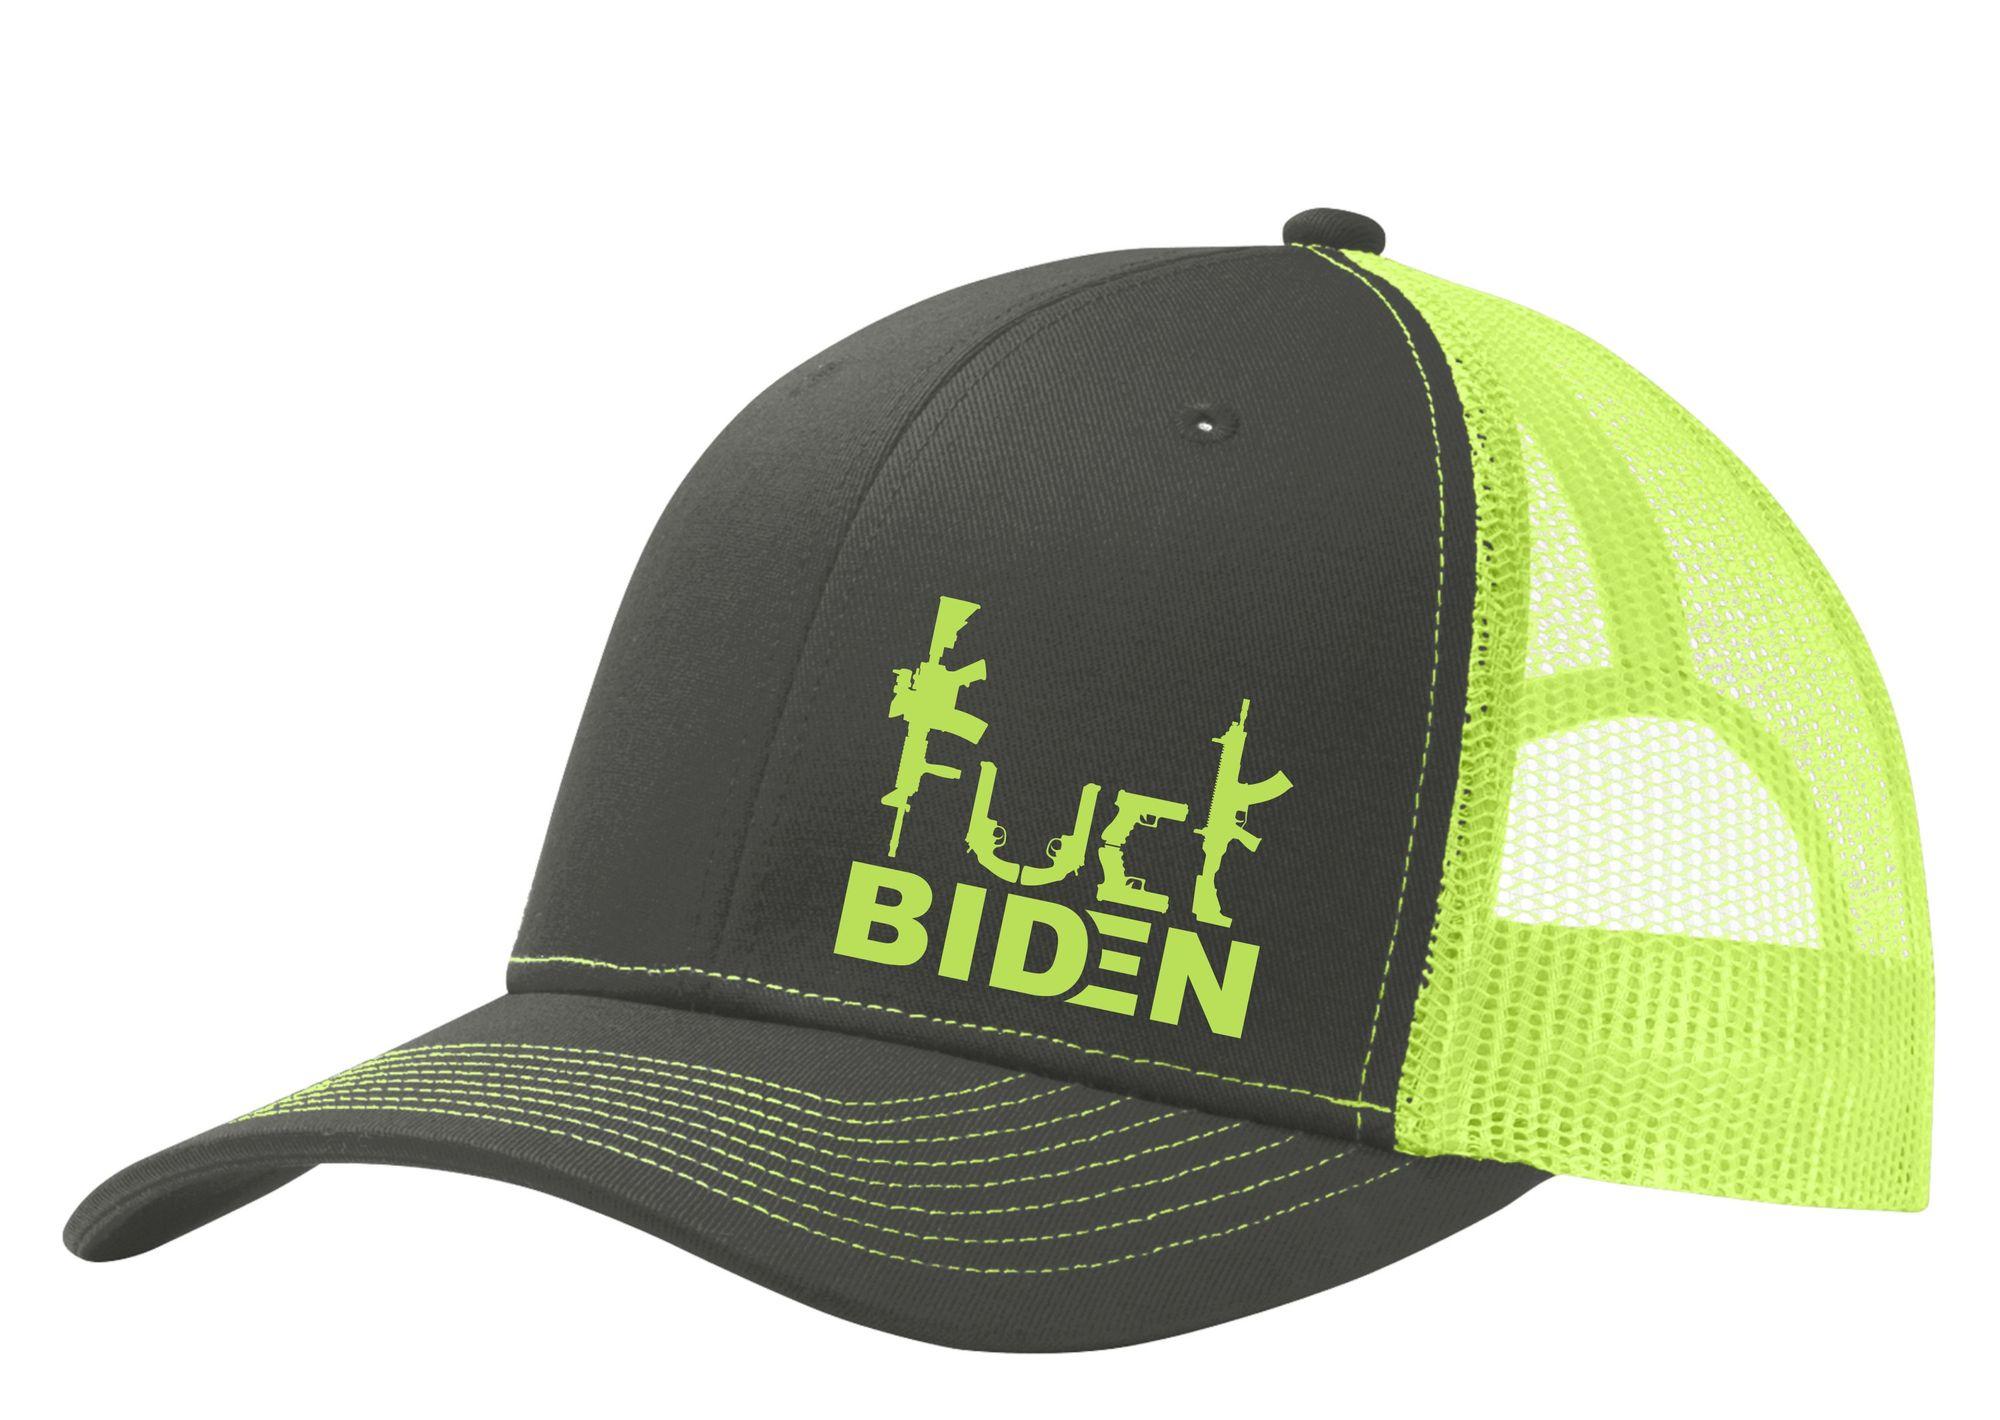 Guns Fuck Biden trucker cap 1